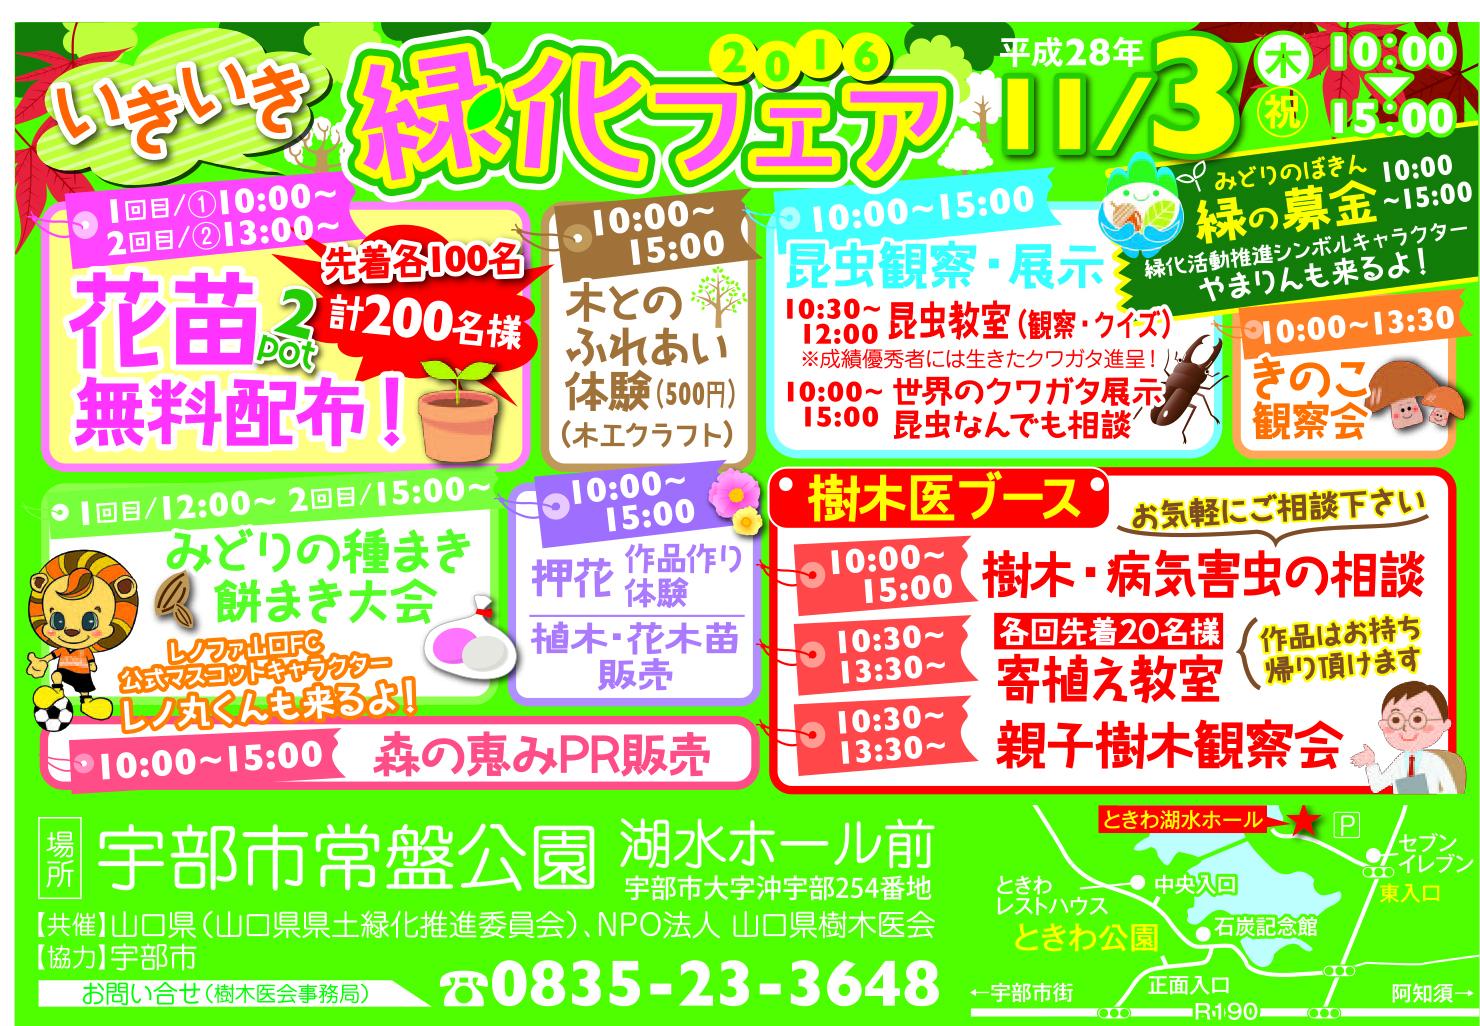 山口県樹木医会10-29ワイド5